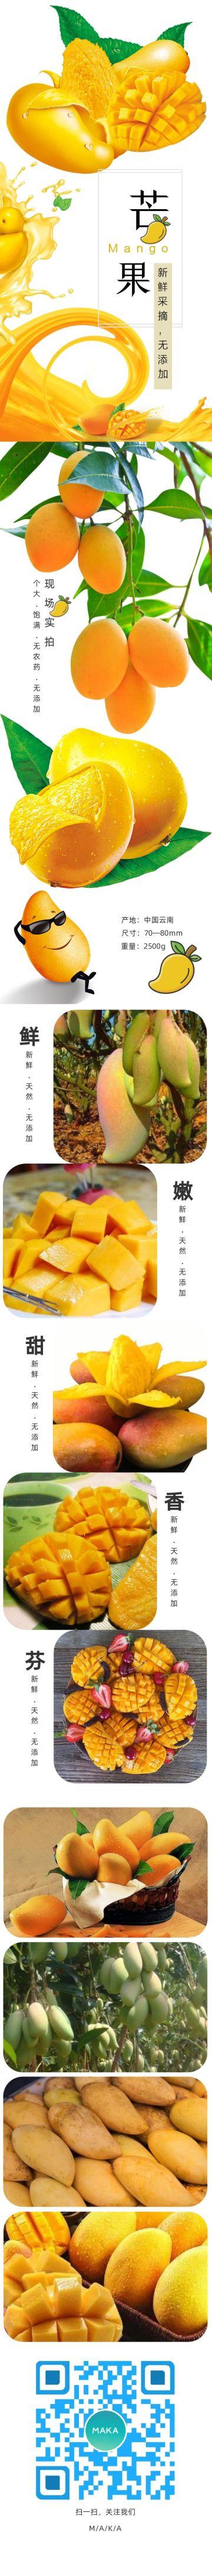 水果芒果扁平简约设计风格电商微商产品详情页宣传海报模板